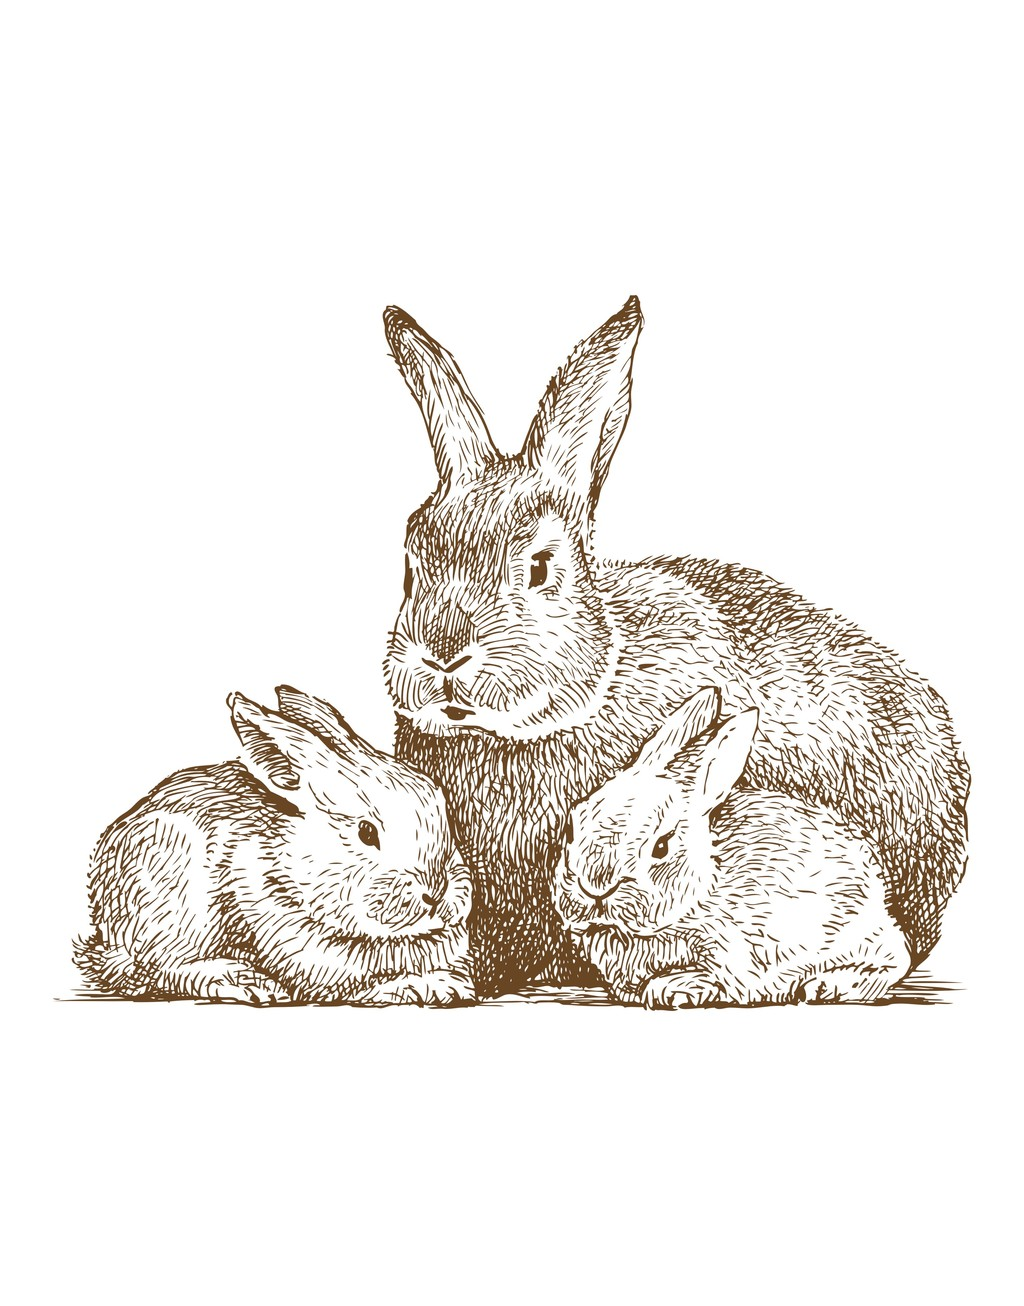 手绘动物简笔插画卡通动物兔子素材模板 AI CDR 矢量图 生活用品图案 广告海报素材 招贴海报素材 设计元素 杯子印花 T恤印花 产品图案 手机壳图案 平面设计稿 抽象几何手机壳图 移门背景图案 装饰画 卡通动物 动物 插画 手绘动物 卡通手绘 兔子动物 卡通简笔 兔子卡通 简笔插画 简笔兔子